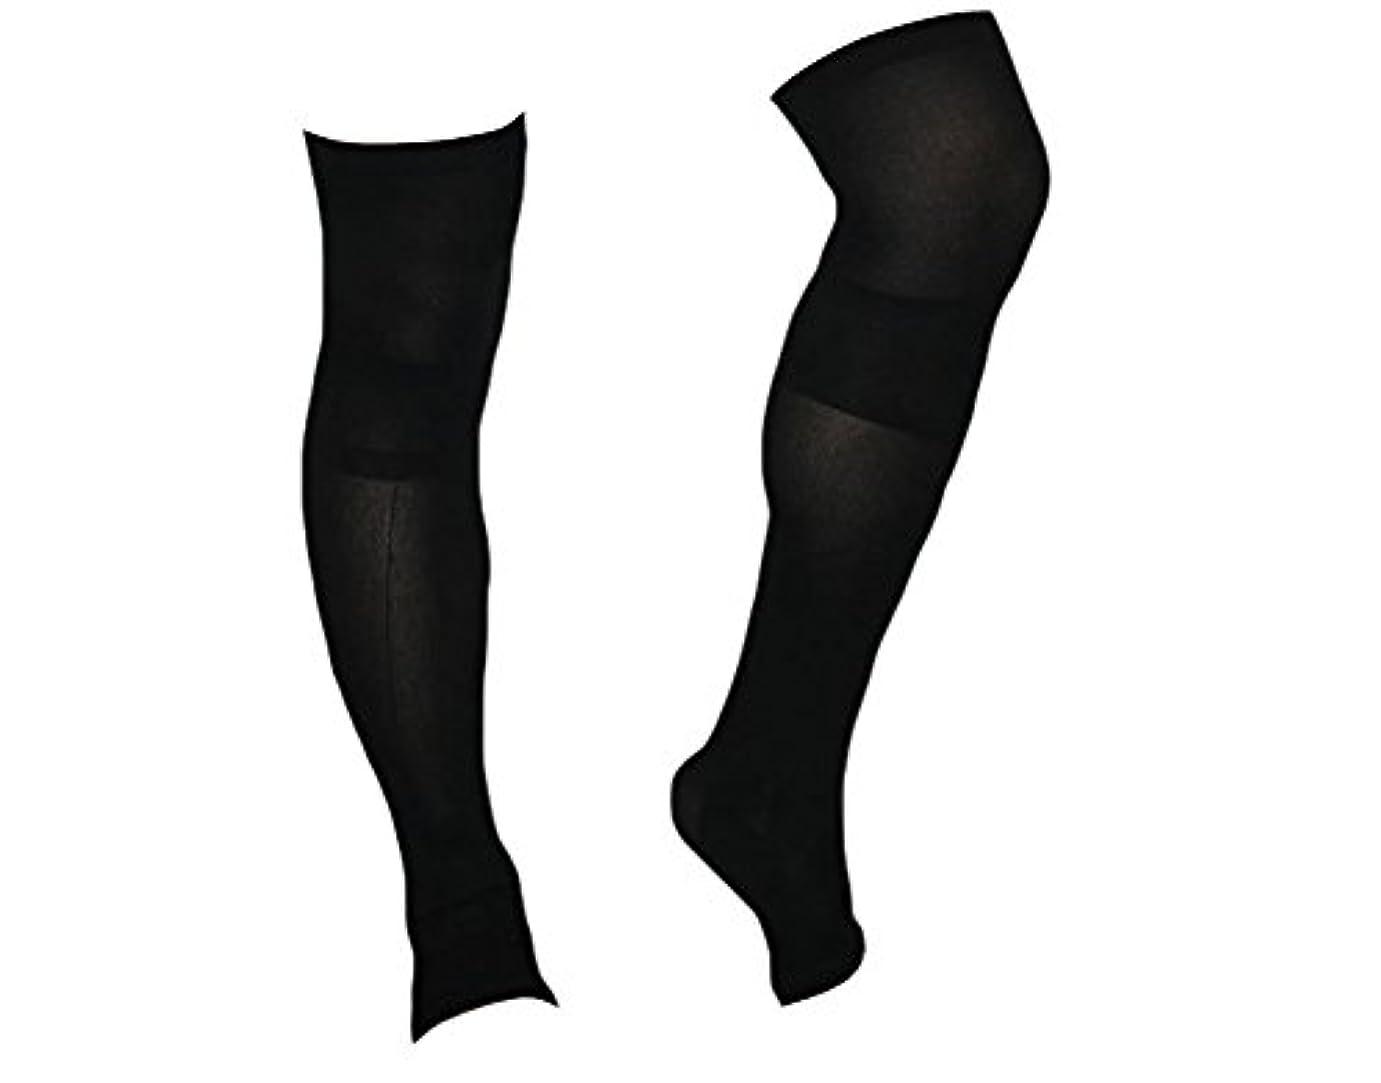 別にケーブルスカウト着圧ソックス スパルタックス メンズ 加圧 ソックス 靴下 男性用 (ひざ上丈)